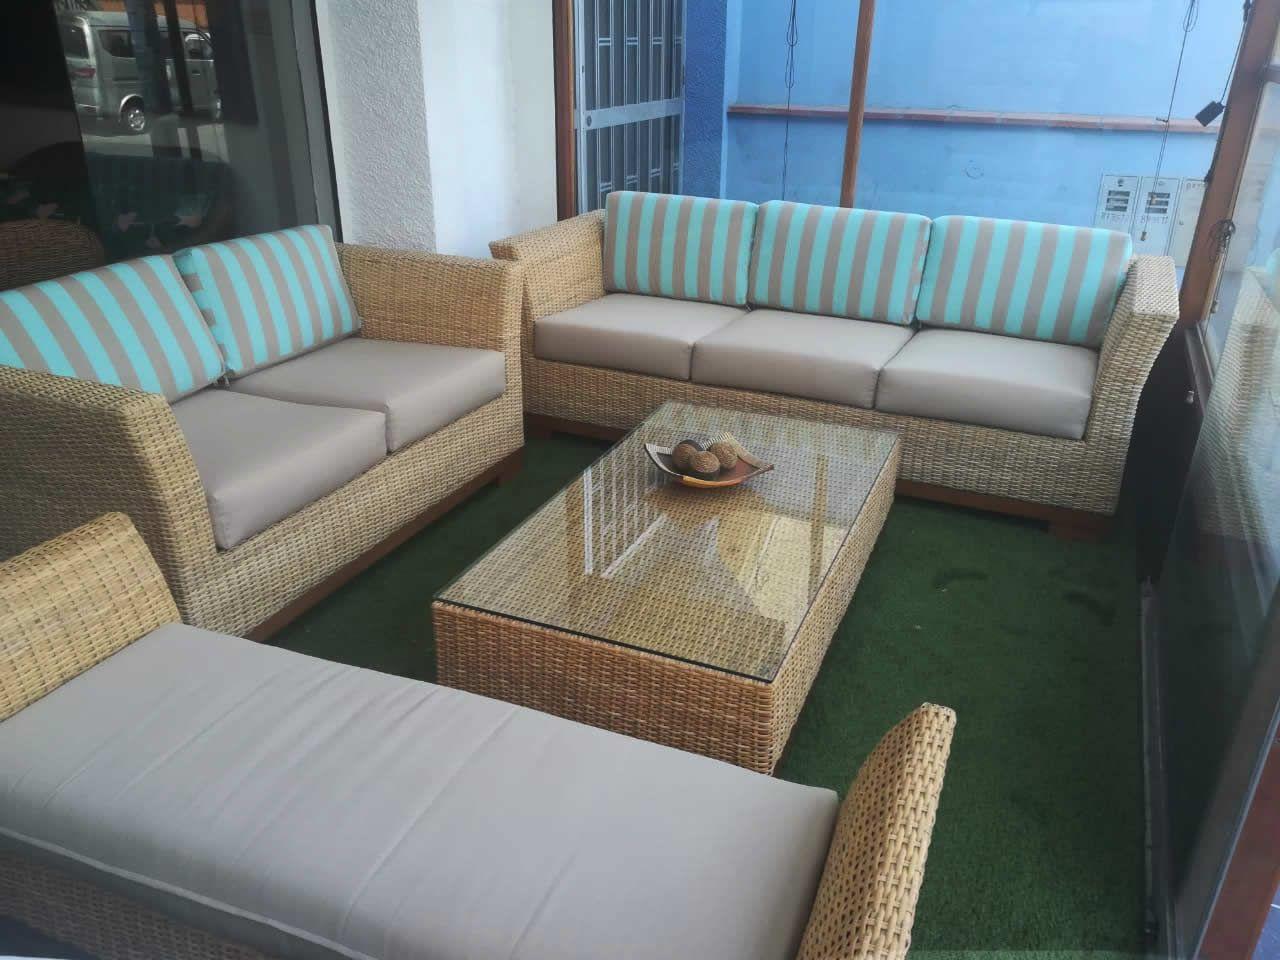 Muebles De Rattan Mimbre Natural Original Terrazas Jardines Casas De Playa Y Campo Disenos Innovadores Mueb En 2020 Muebles Muebles Para Terrazas Muebles De Exterior